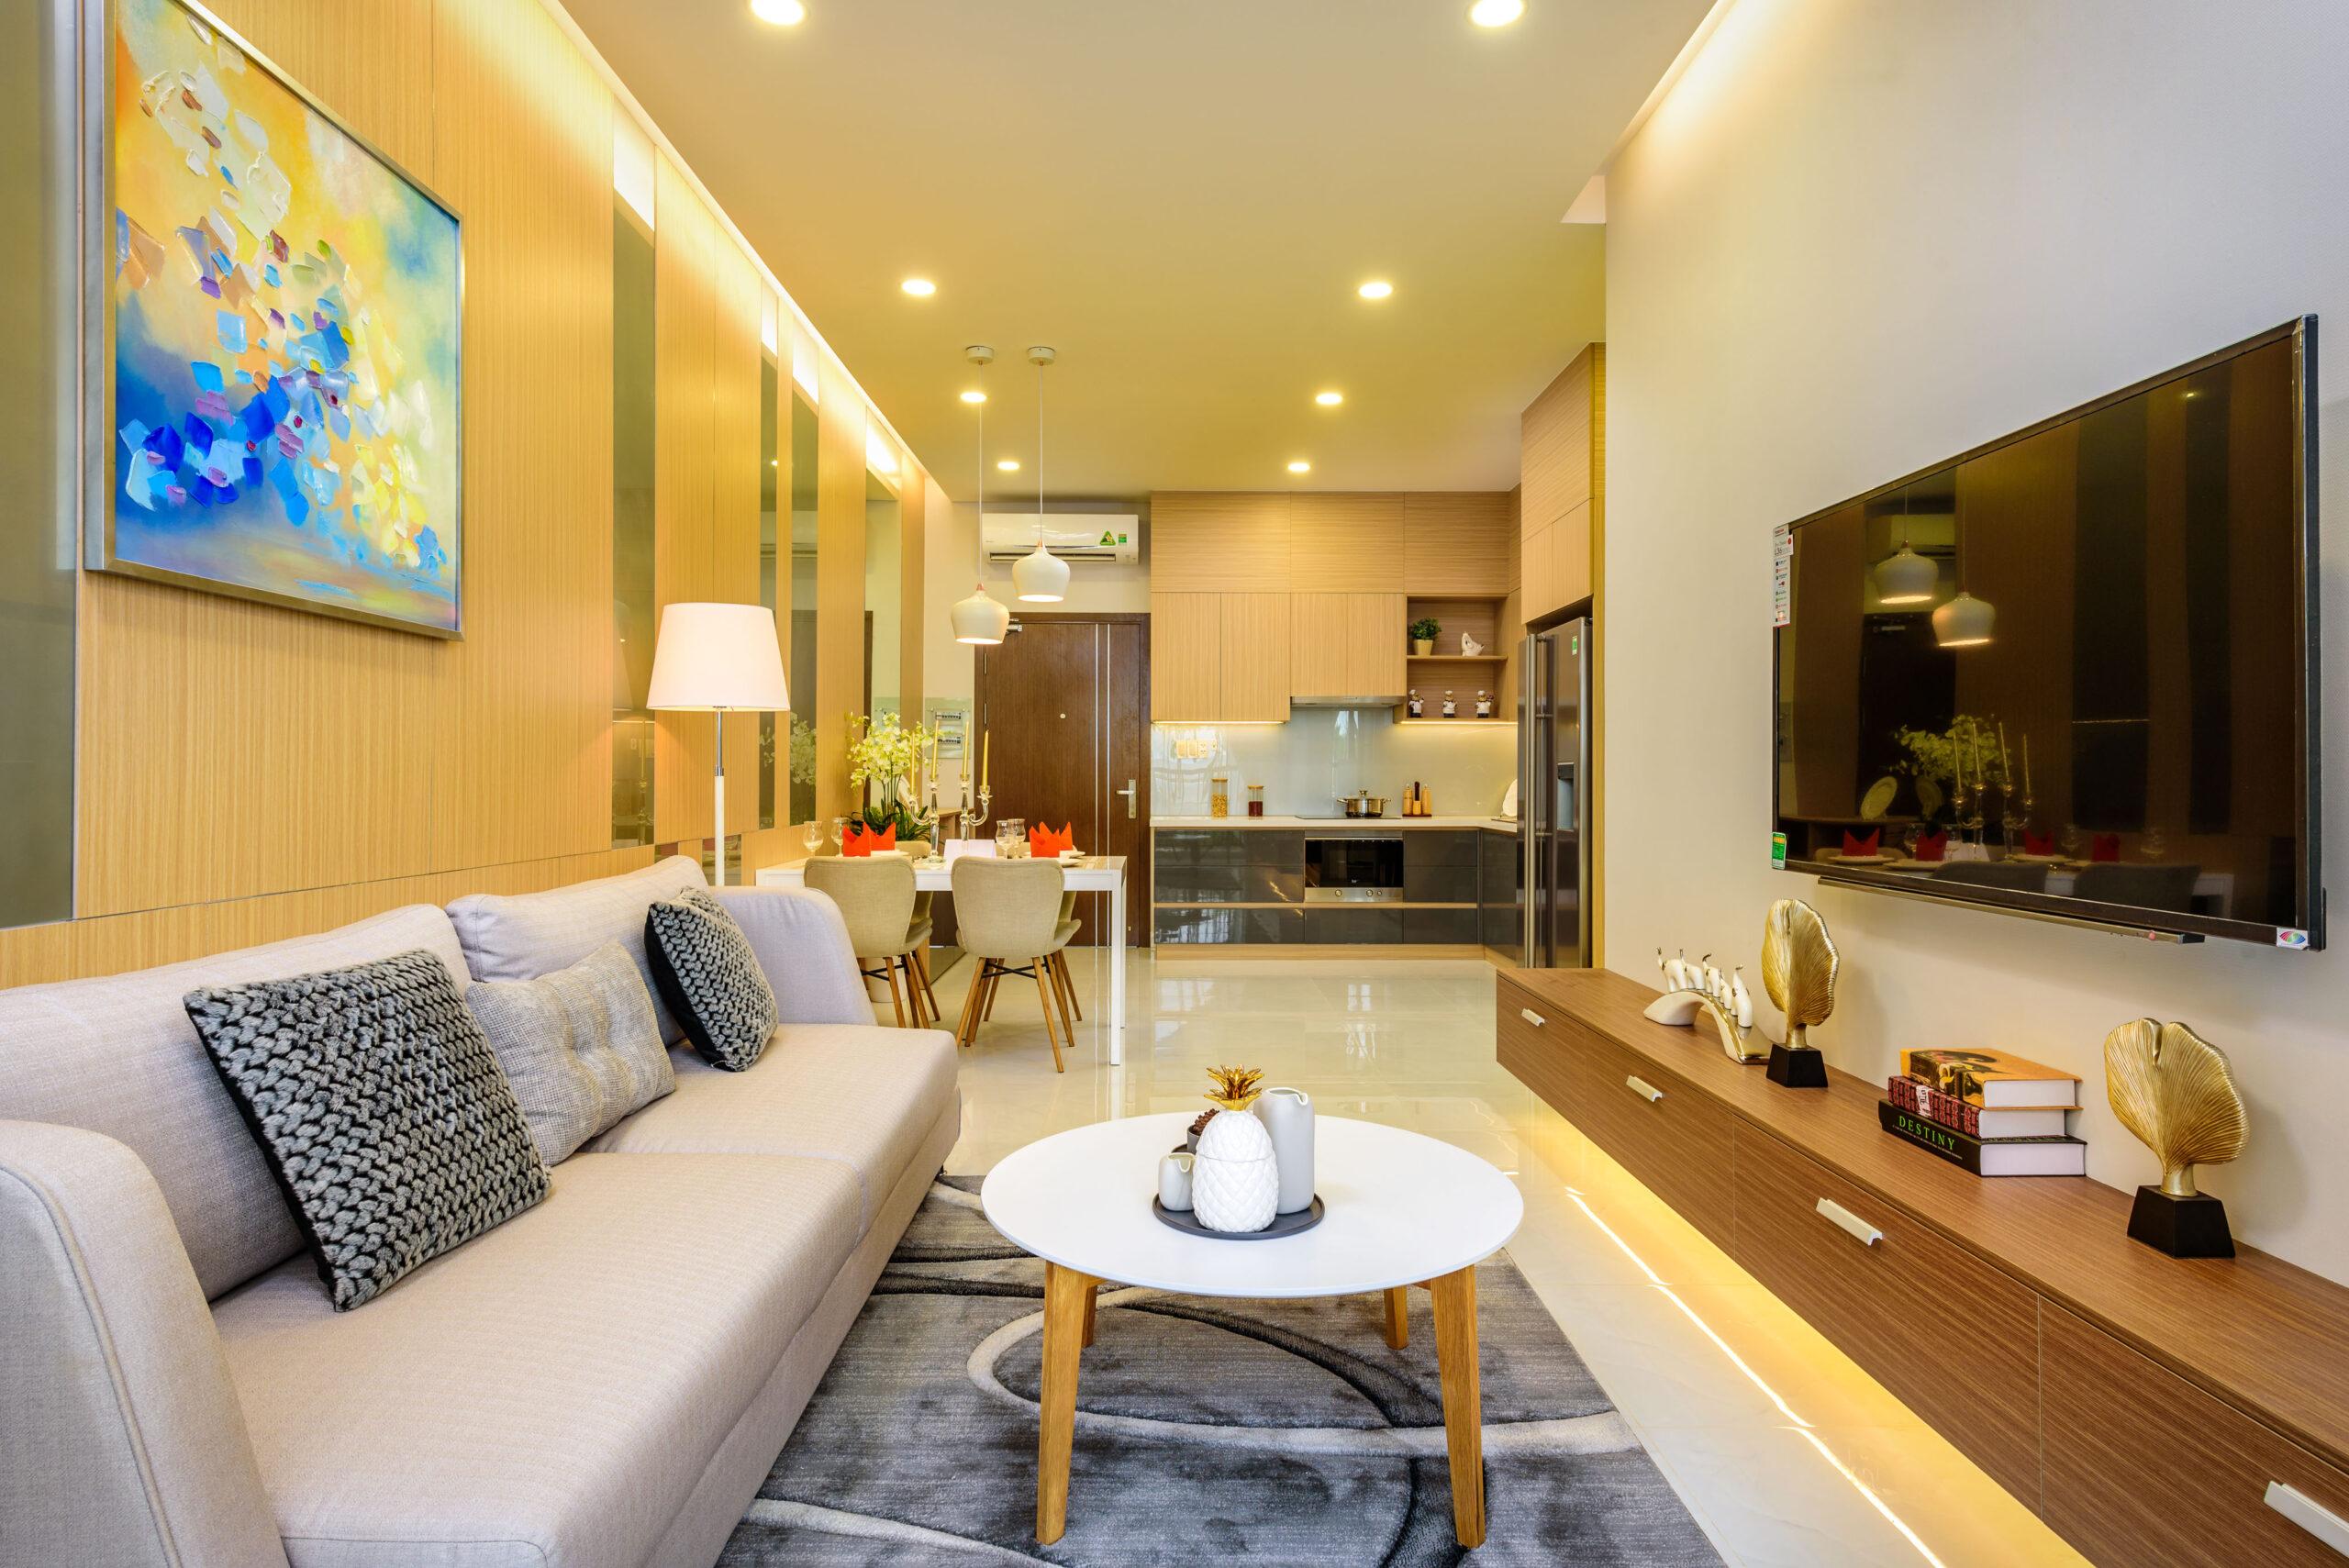 Nhà mẫu dự án Căn hộ Jamila Quận 9 Đường Song Hành chủ đầu tư Khang Điền